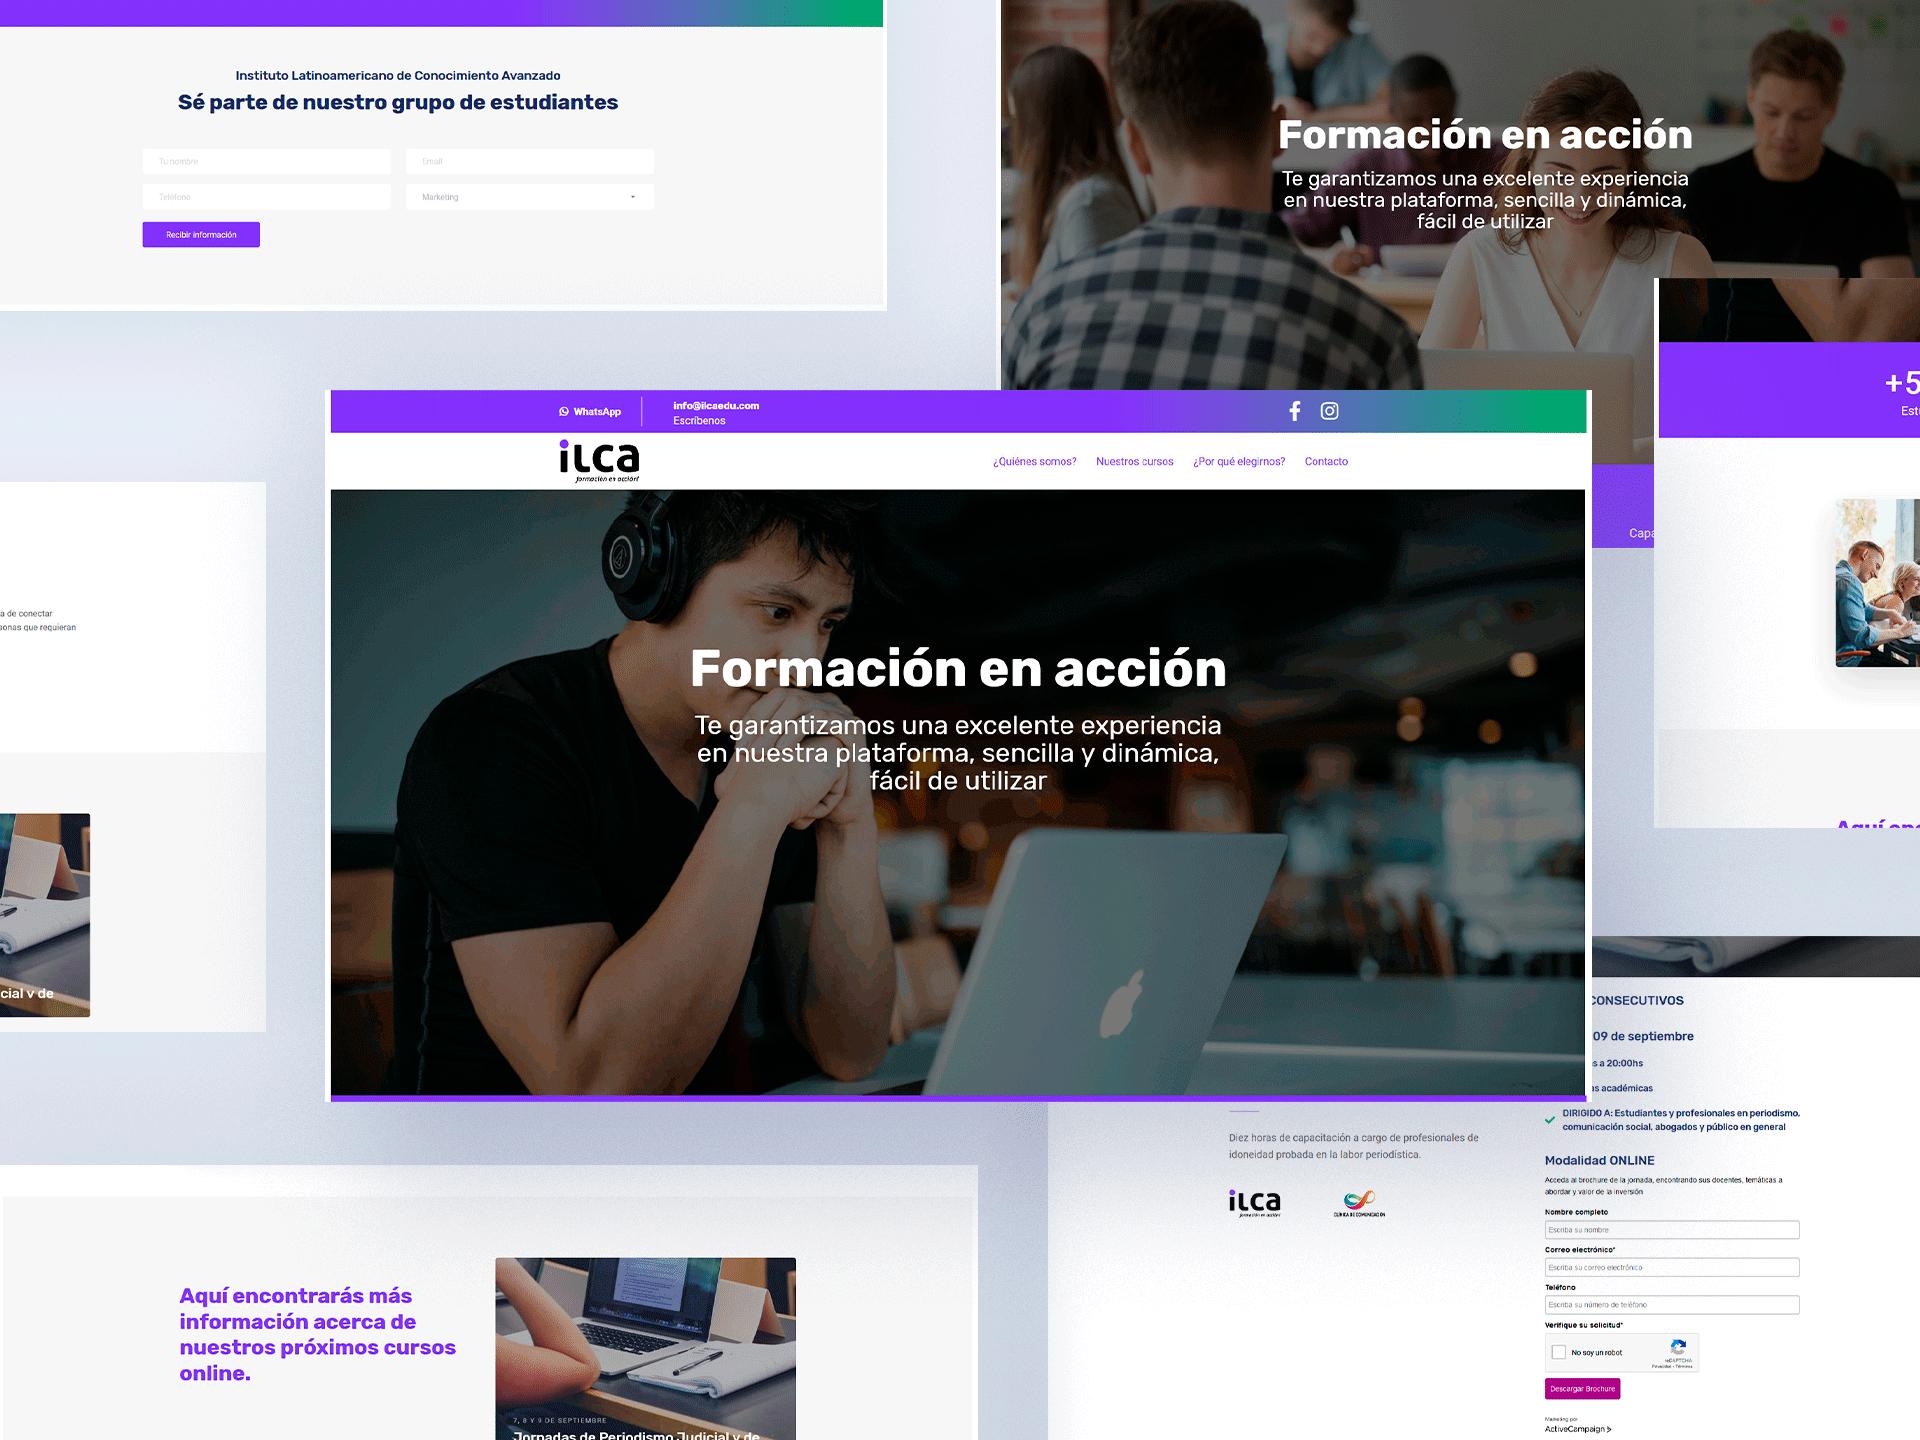 ILCA – Instituto Latinoamericano de Conocimiento Avanzado